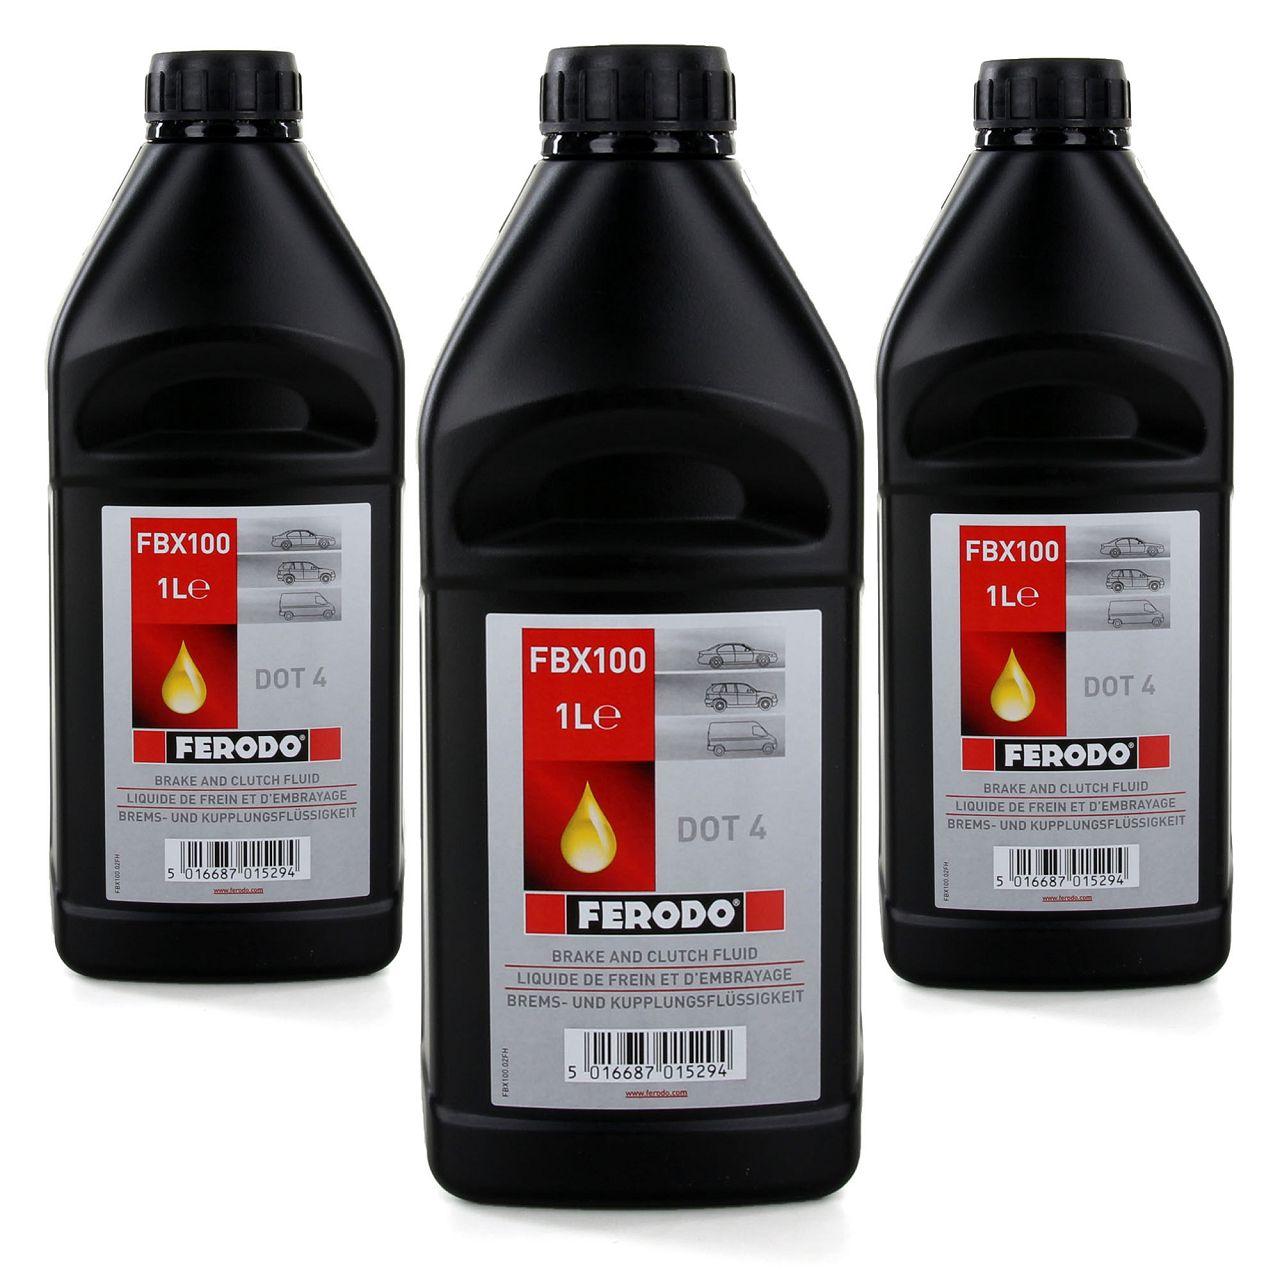 3x 1 L 1 Liter FERODO FBX100 Bremsflüssigkeit Kupplungsflüssigkeit DOT 4